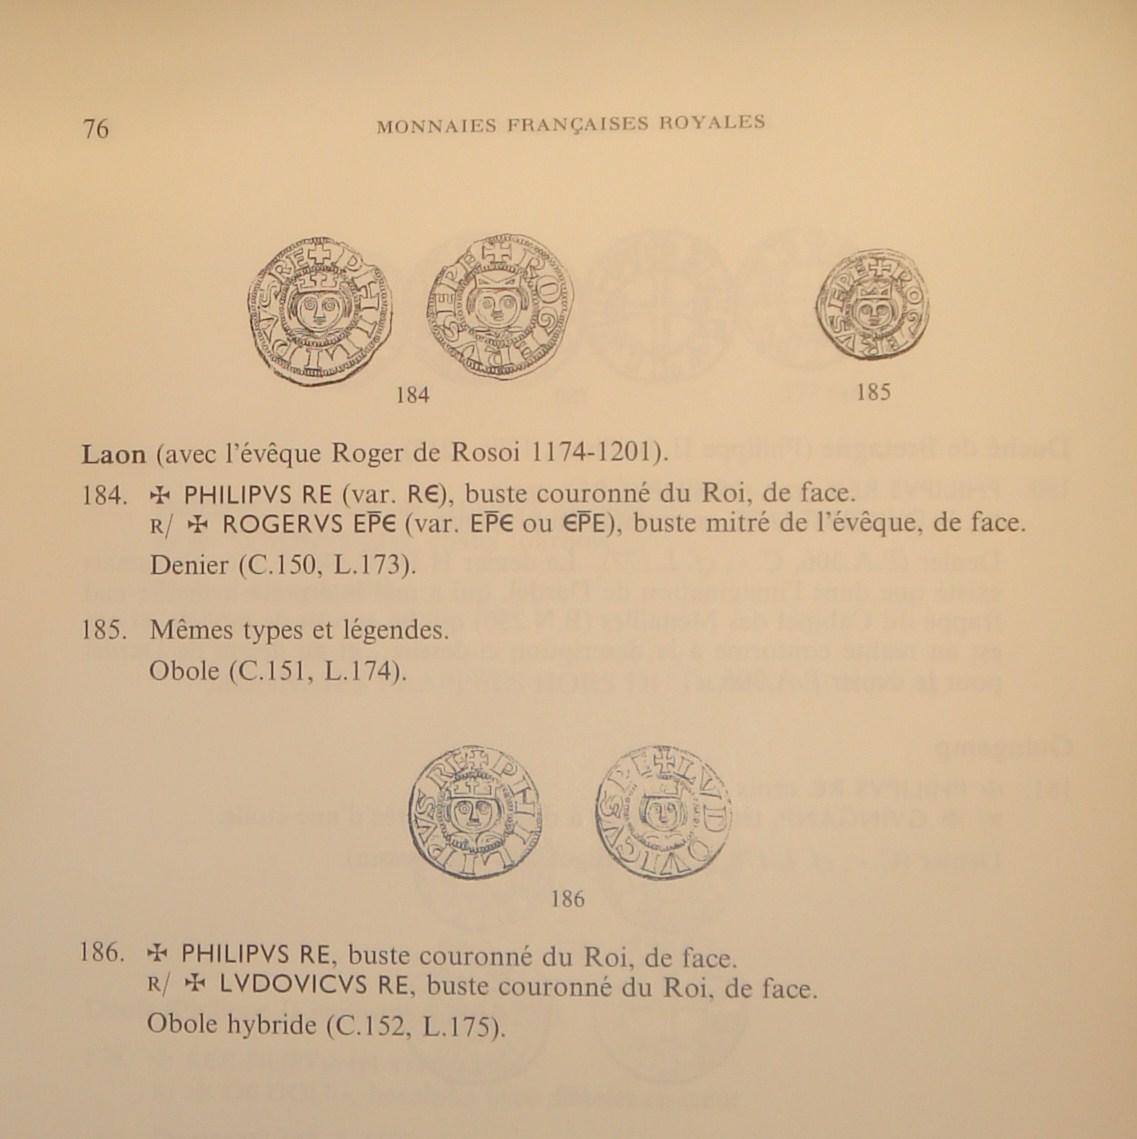 Monnaie de Philippe à identifier 509bb3dcefafe